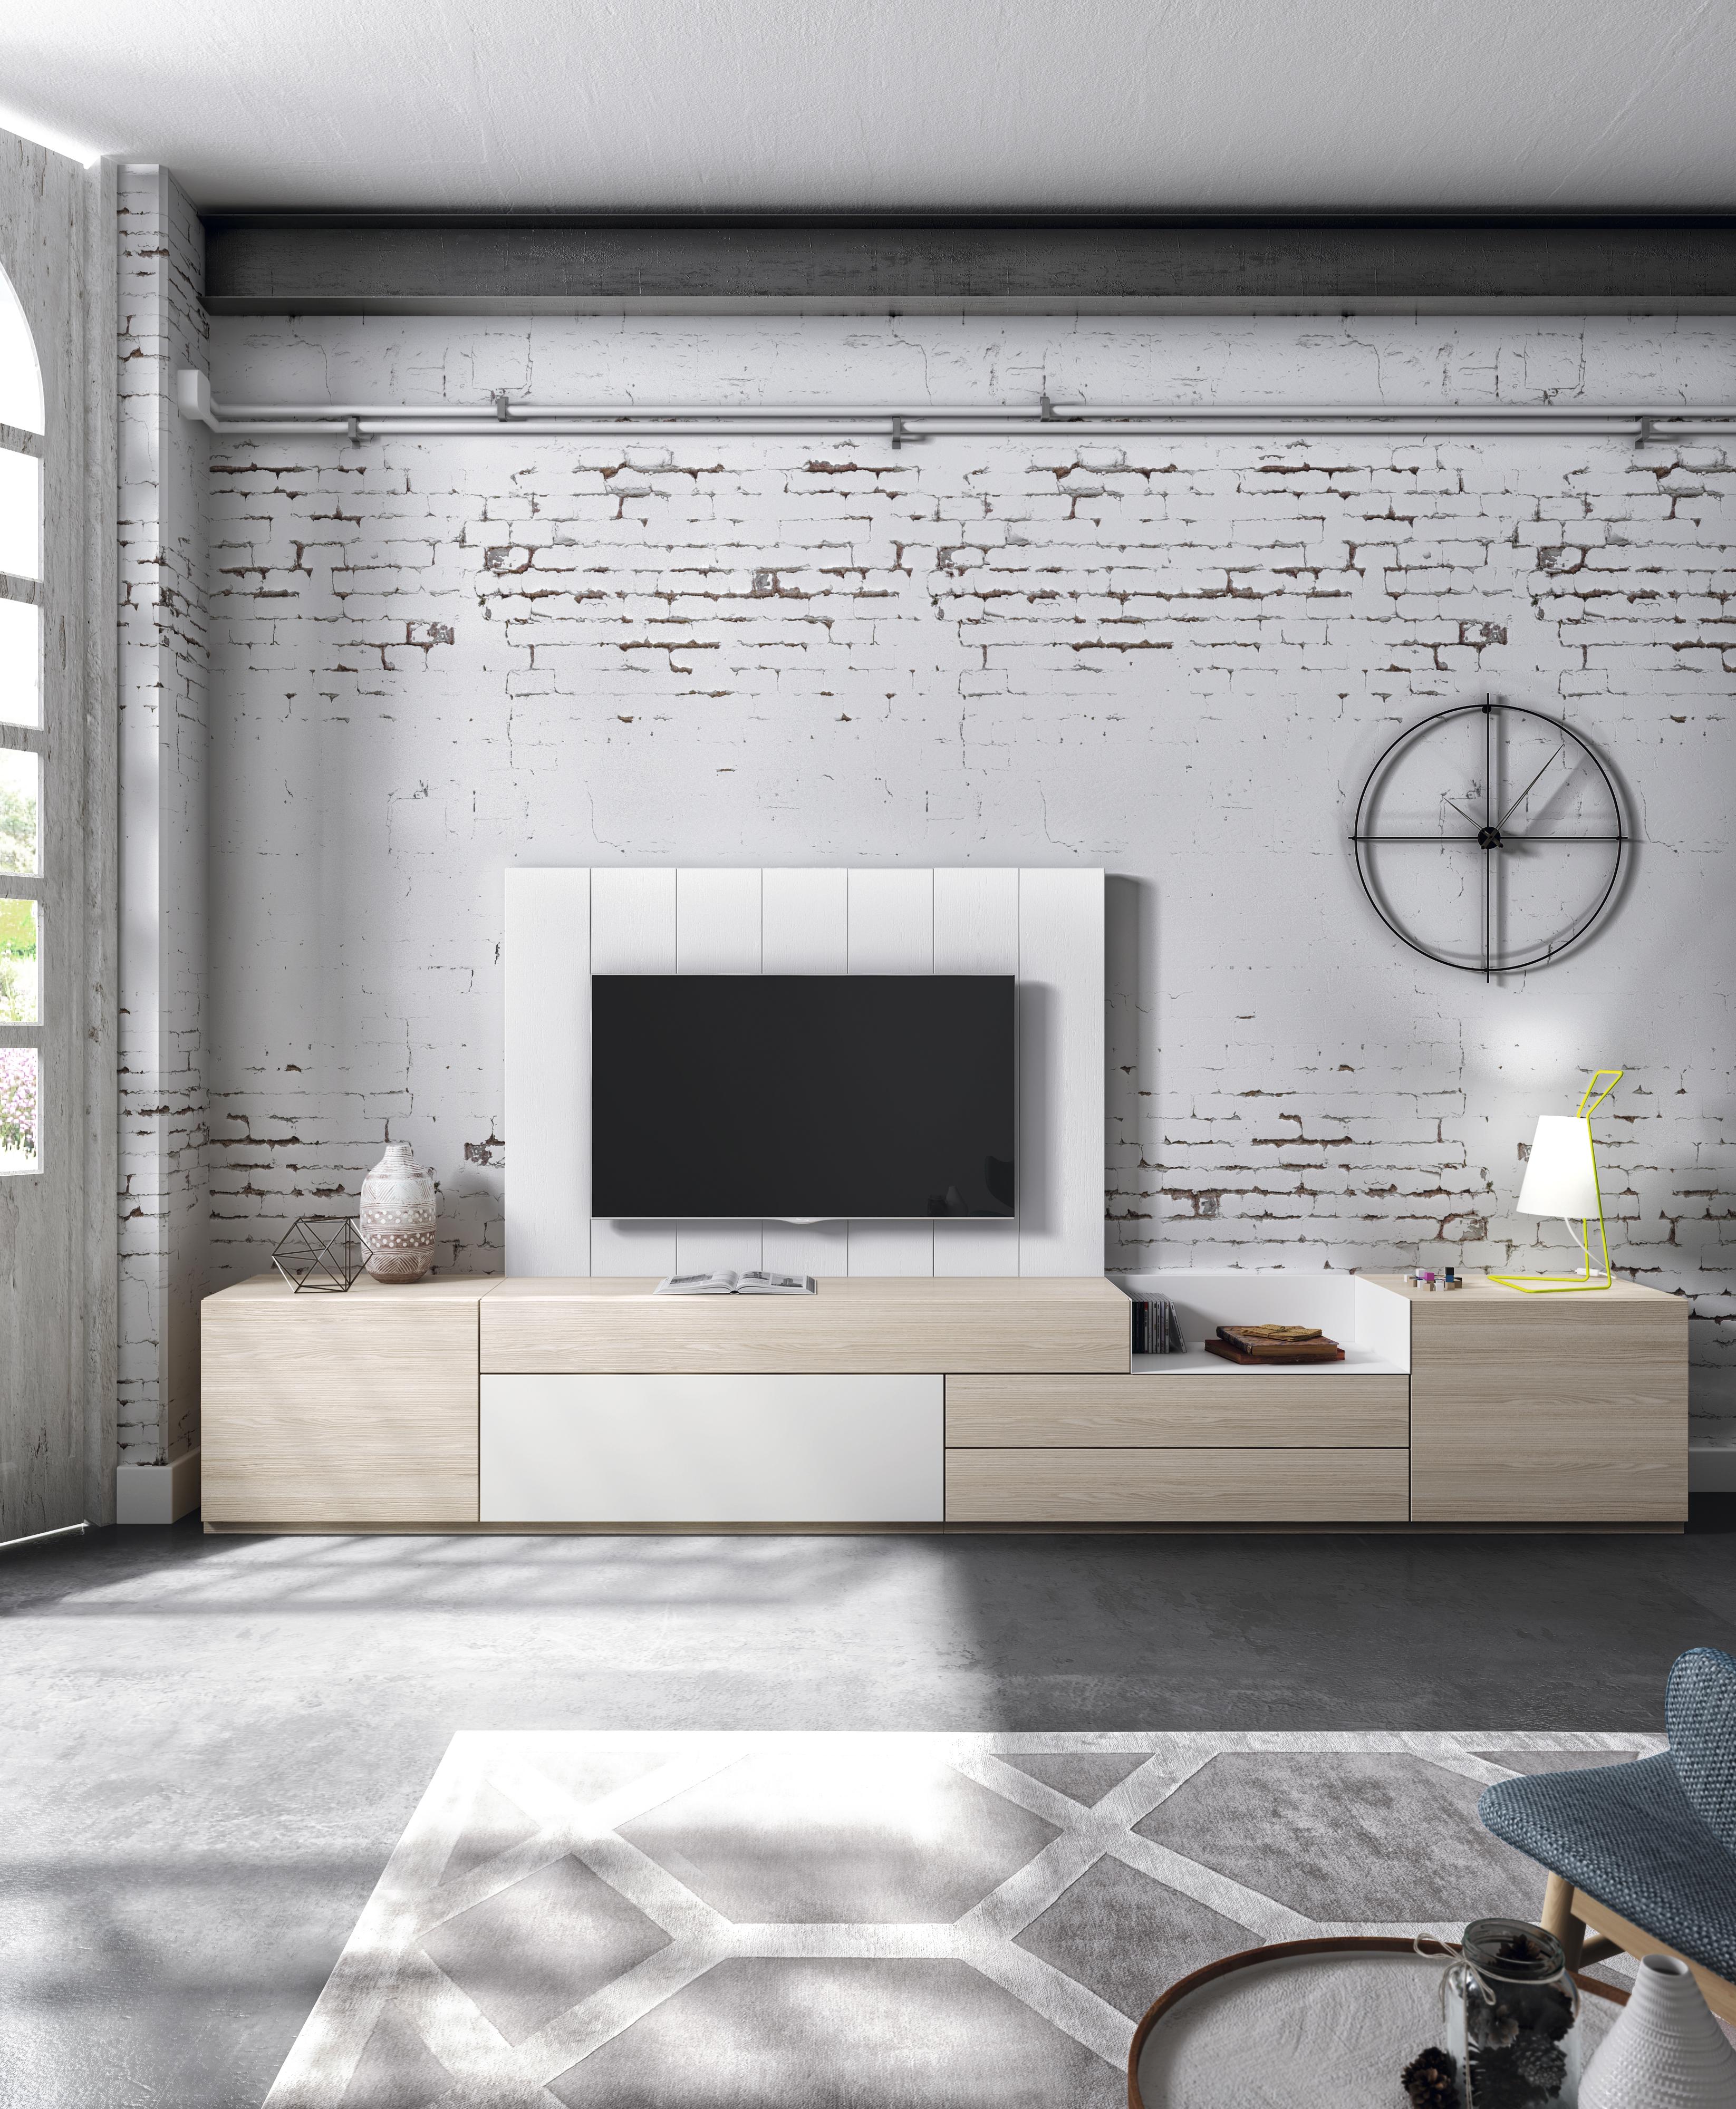 Tatat muebles a medida y m s expertos en mueble juvenil - Ver decoracion de salones ...